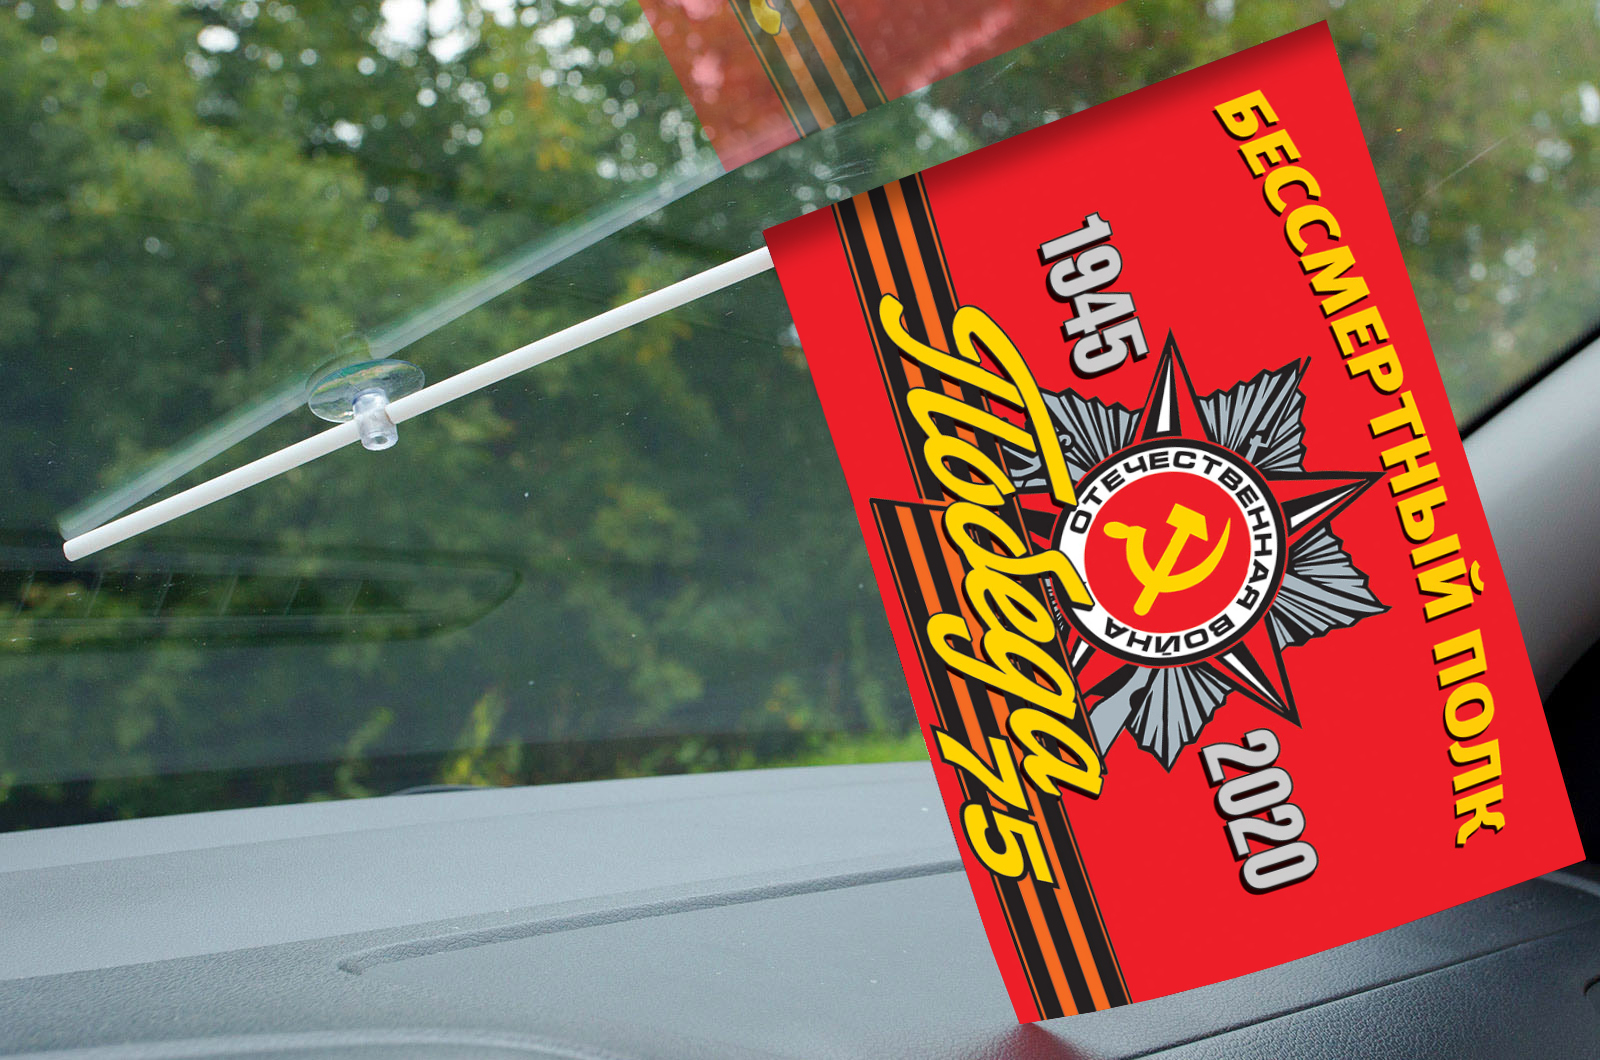 Флаг «Бессмертный полк 1945-2020» в машину на память об участии в мероприятиях юбилея Победы в ВОВ